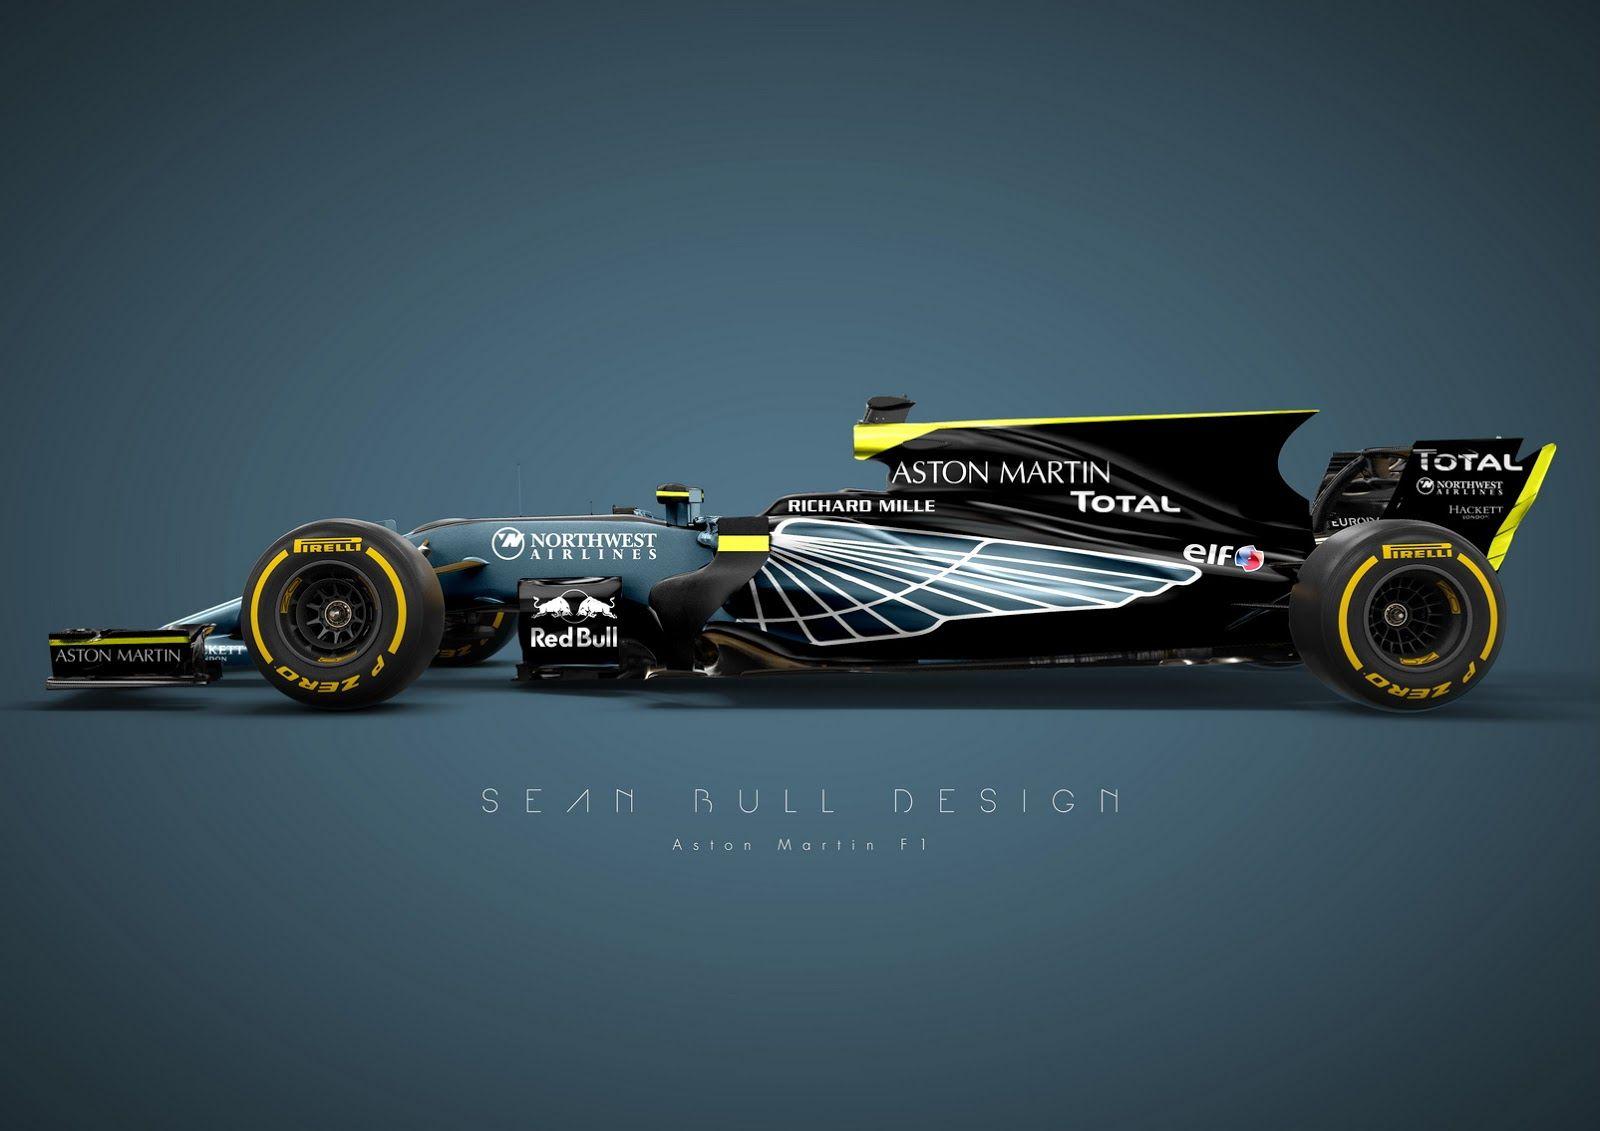 Aston Martin Anuncia Plan De Recuperacion Y Gana Un Equipo De Formula 1 Plamenkralev Auto News